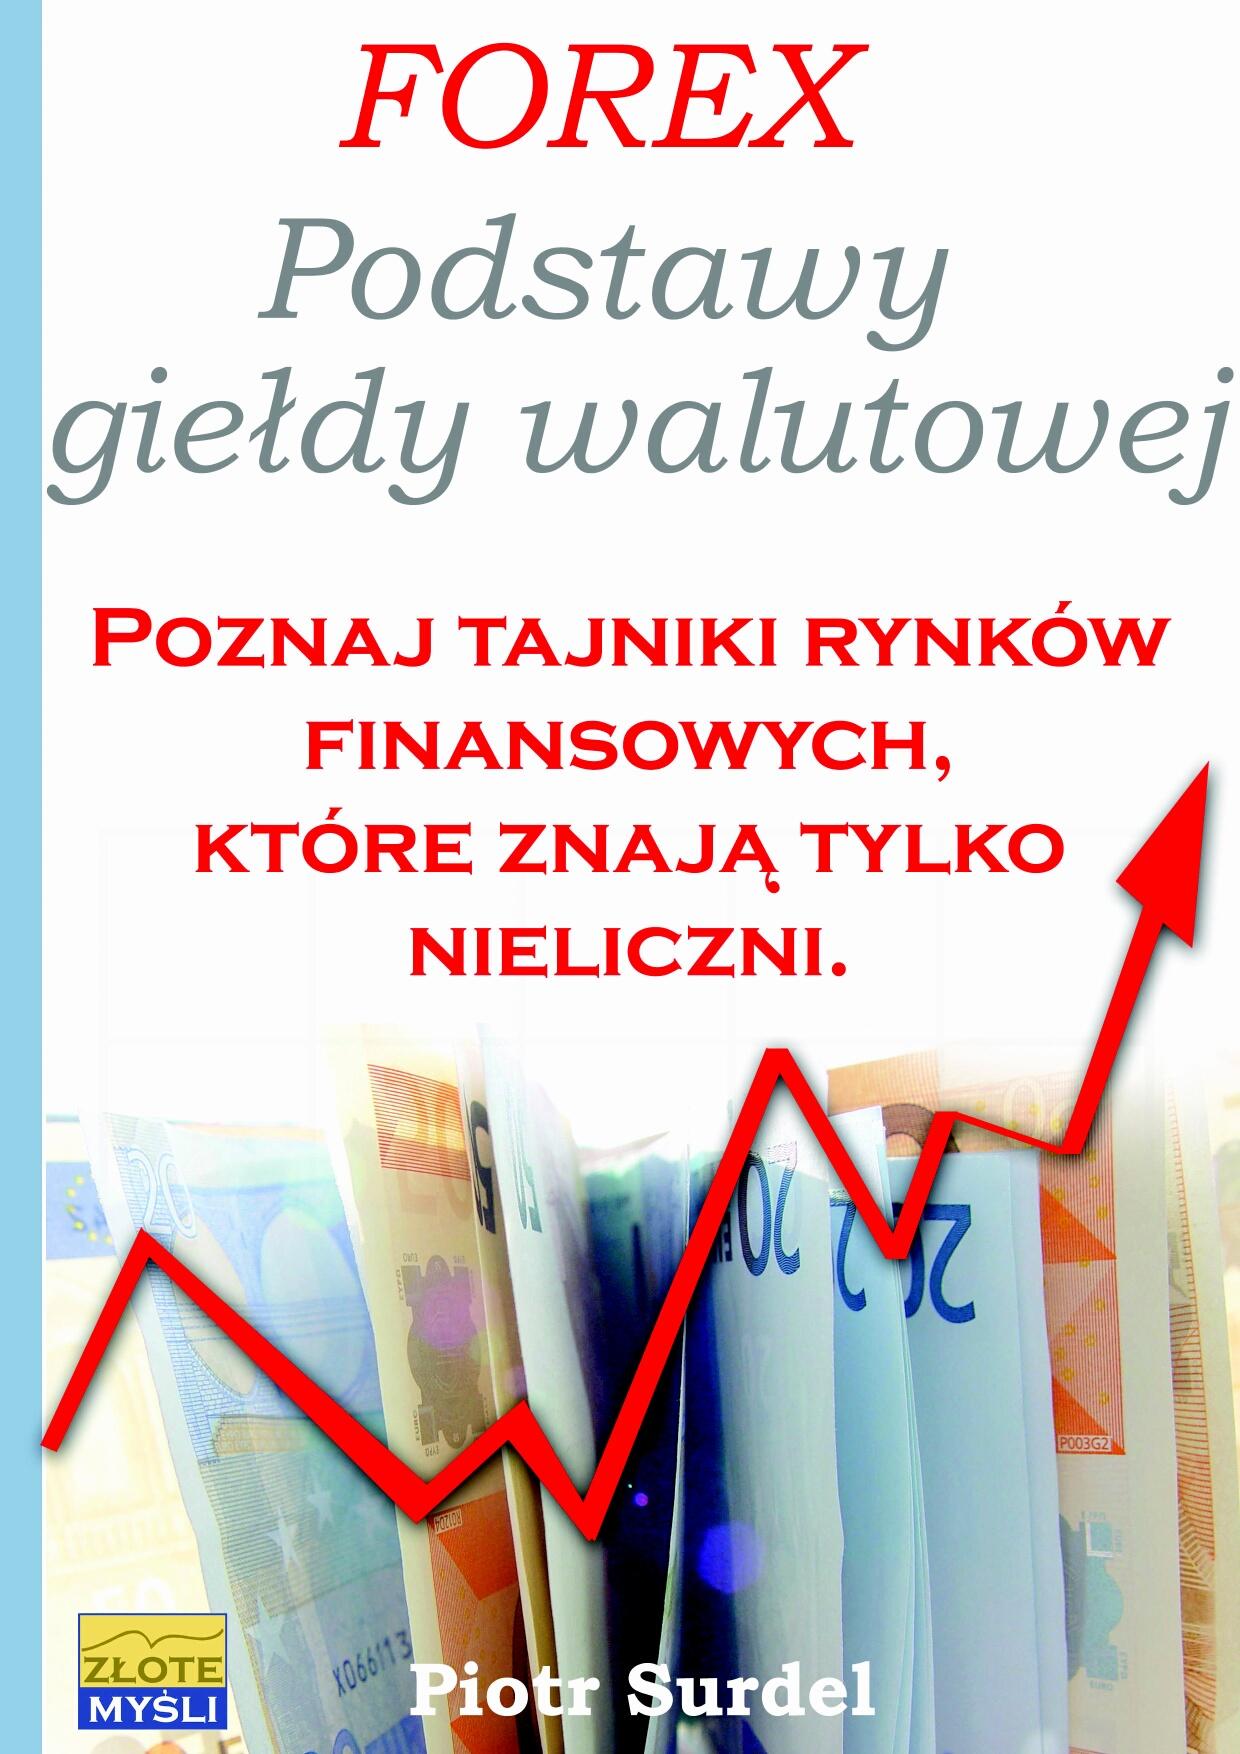 Piotr Surdel: Forex 1. Podstawy Giełdy Walutowej - okładka